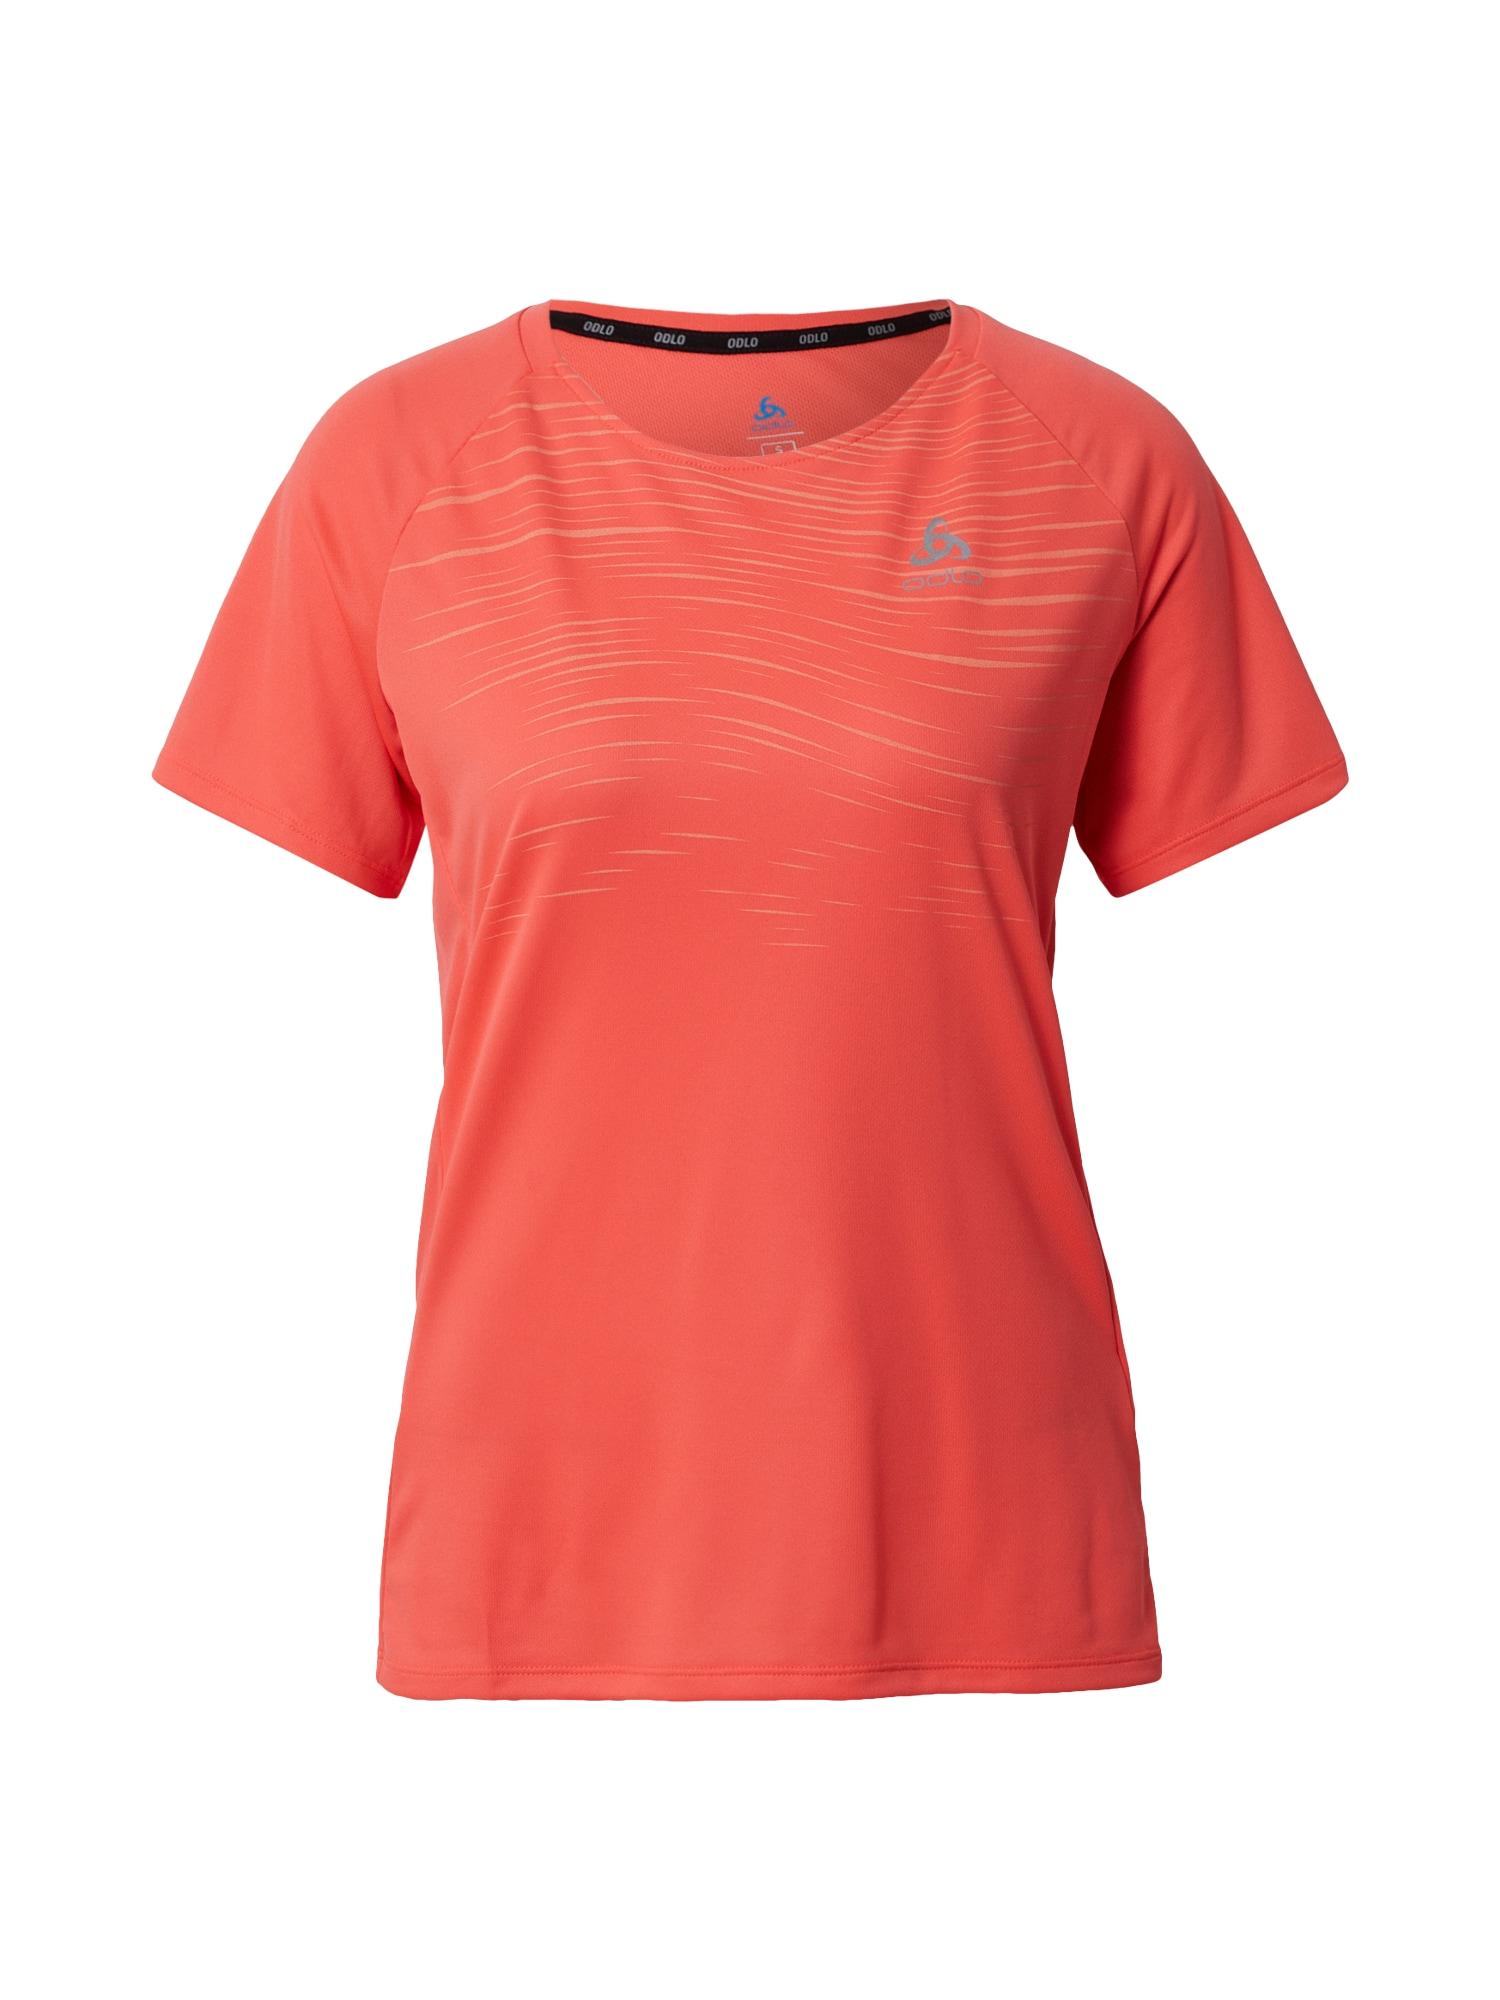 ODLO Sportiniai marškinėliai koralų splava / pastelinė oranžinė